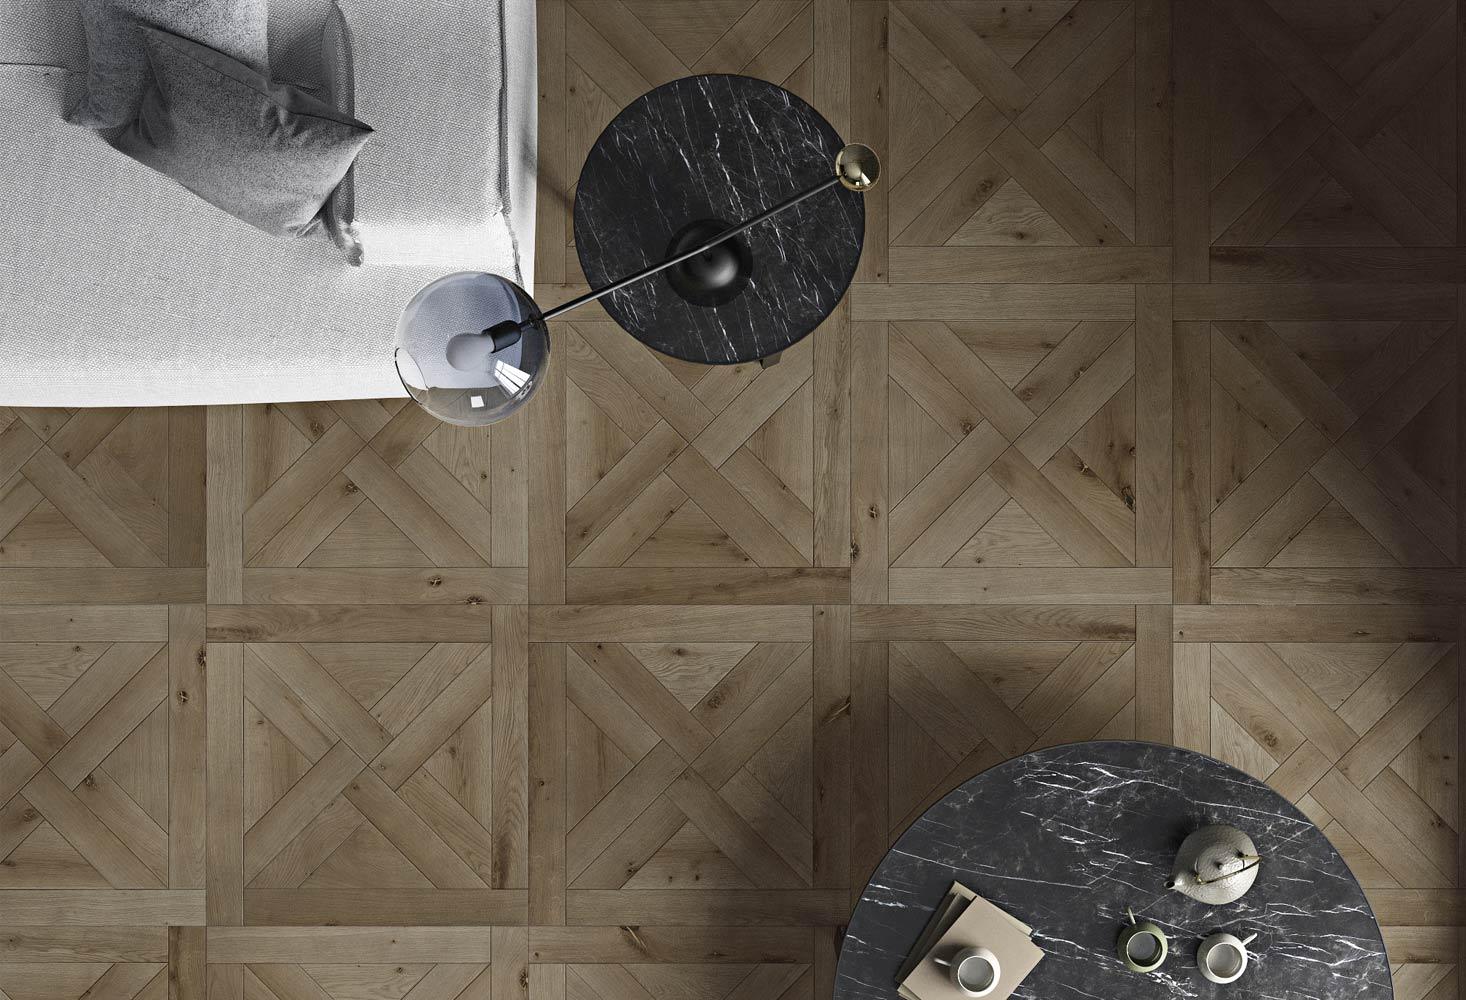 Quadrotte rovere rustico spazzolato verniciato grigio tannino bisellato - Montevarchi